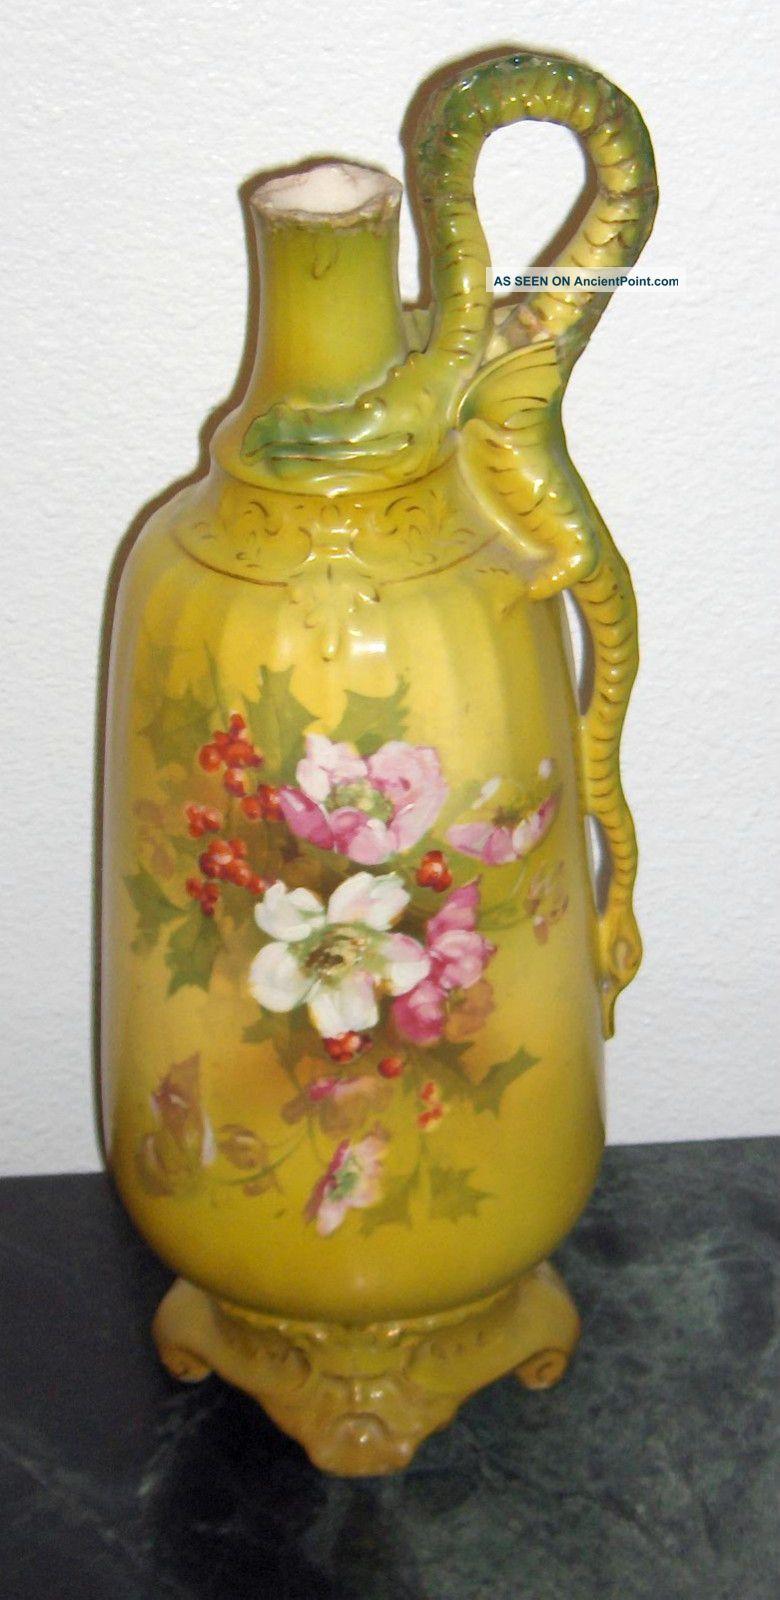 Turn Teplitz Amphora Pitcher Ewer Austria Art Nouveau Dragon Flowers Green Large Art Nouveau photo